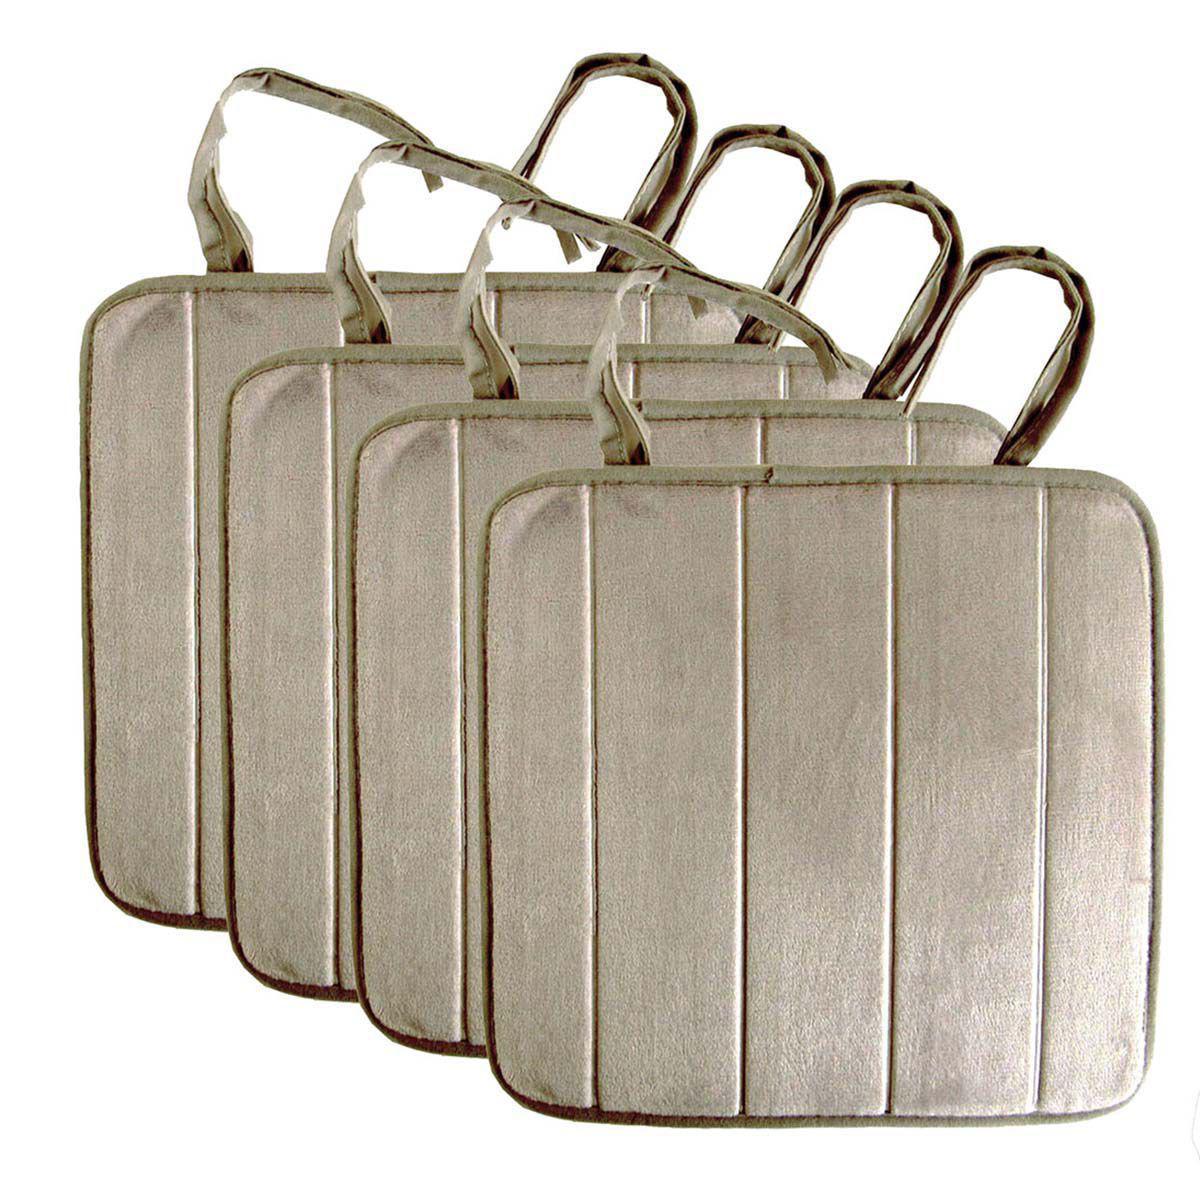 Kit Assento de Cadeira 4 Peças  38 cm x 38 cm